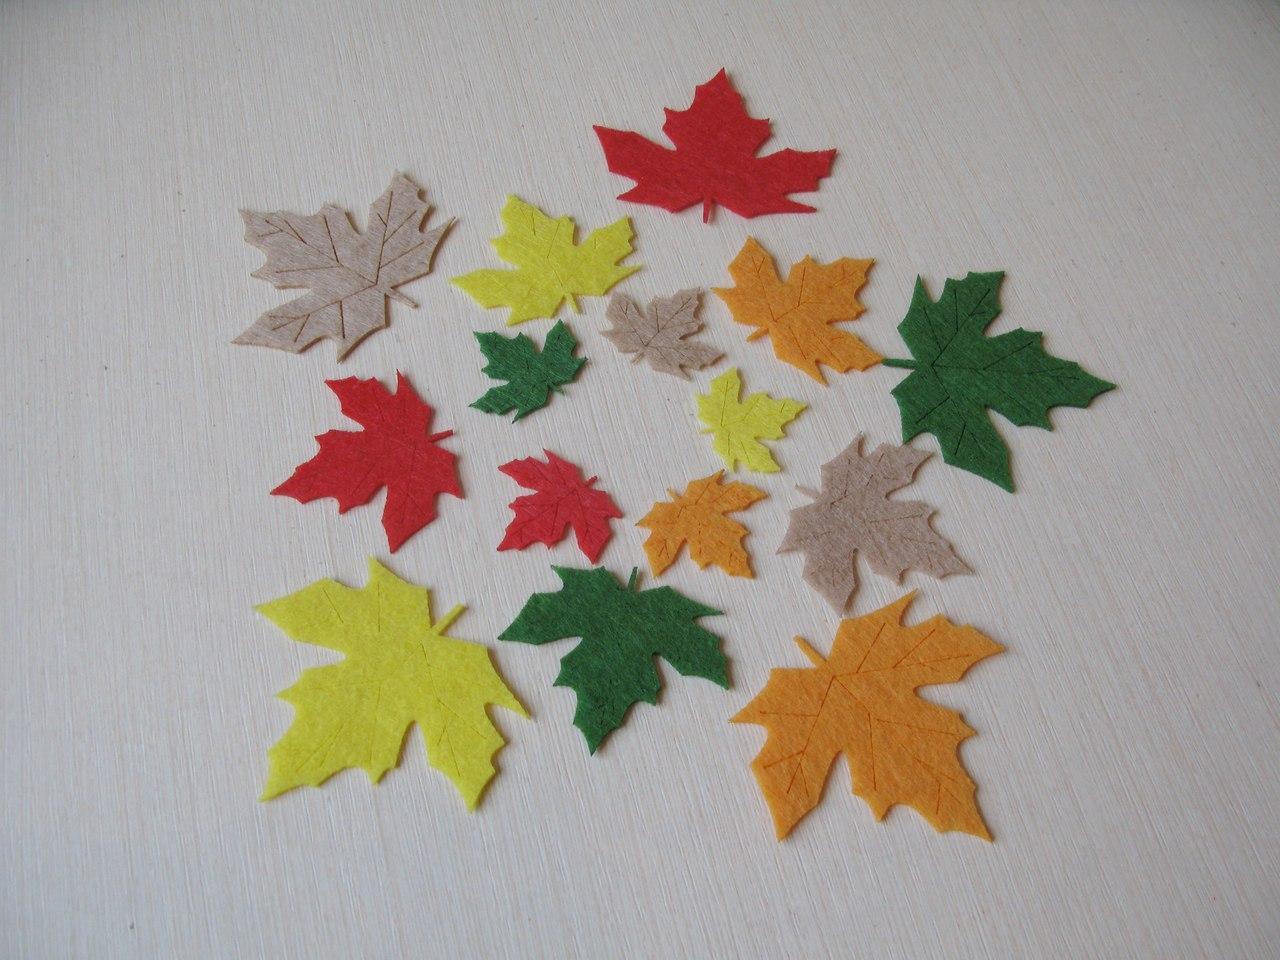 Осенние листья клена из фетра.